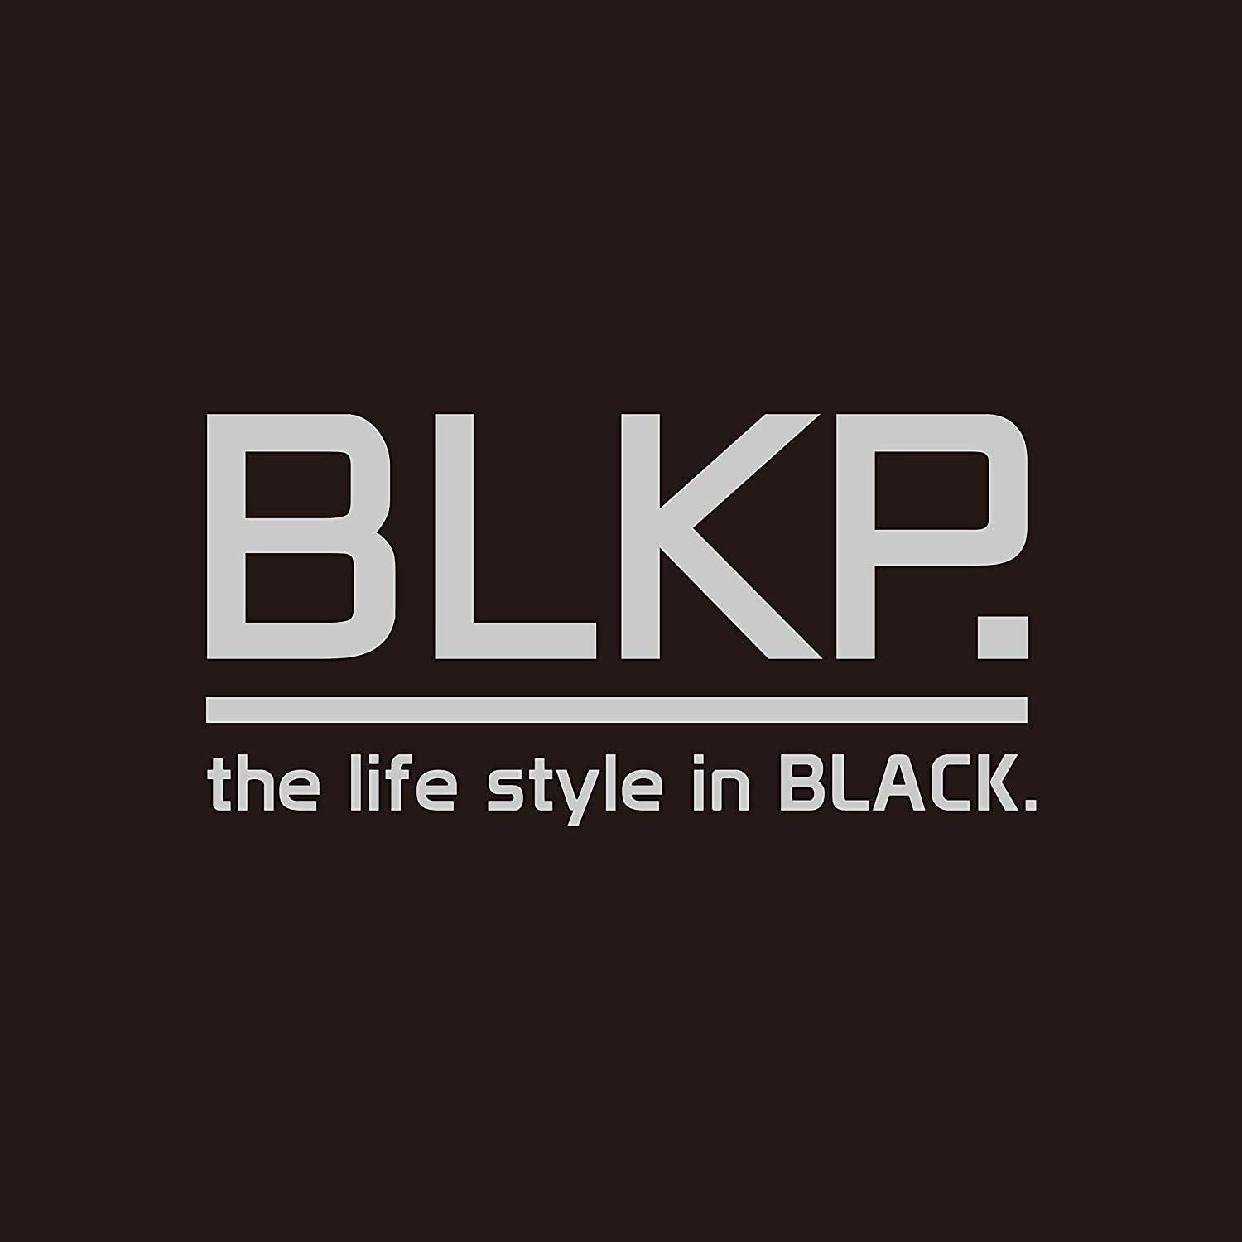 BLKP.(ビーエルケーピー)みじん切り器 大 スーパー スピード 限定 ブラック AZ-5087の商品画像2